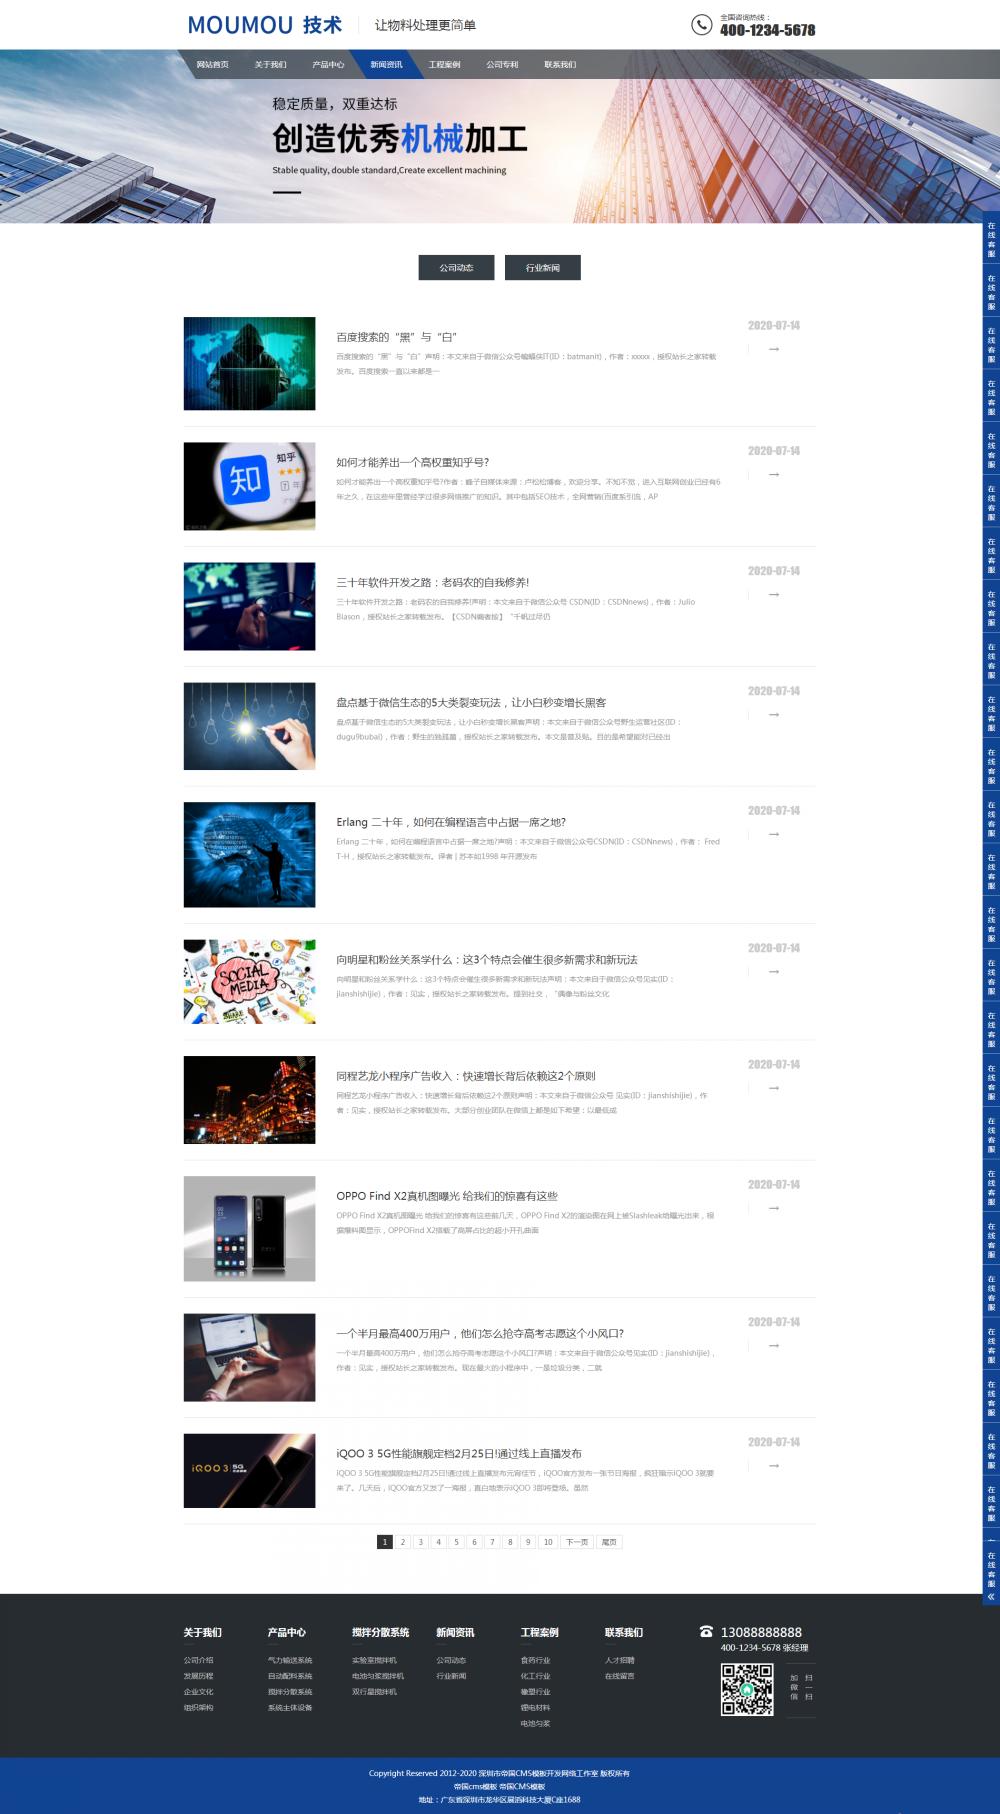 4新闻动态.png [DG-123]响应式物料自动化机械加工帝国CMS模板 html5蓝色营销型机械设备帝国网站源码 企业模板 第4张